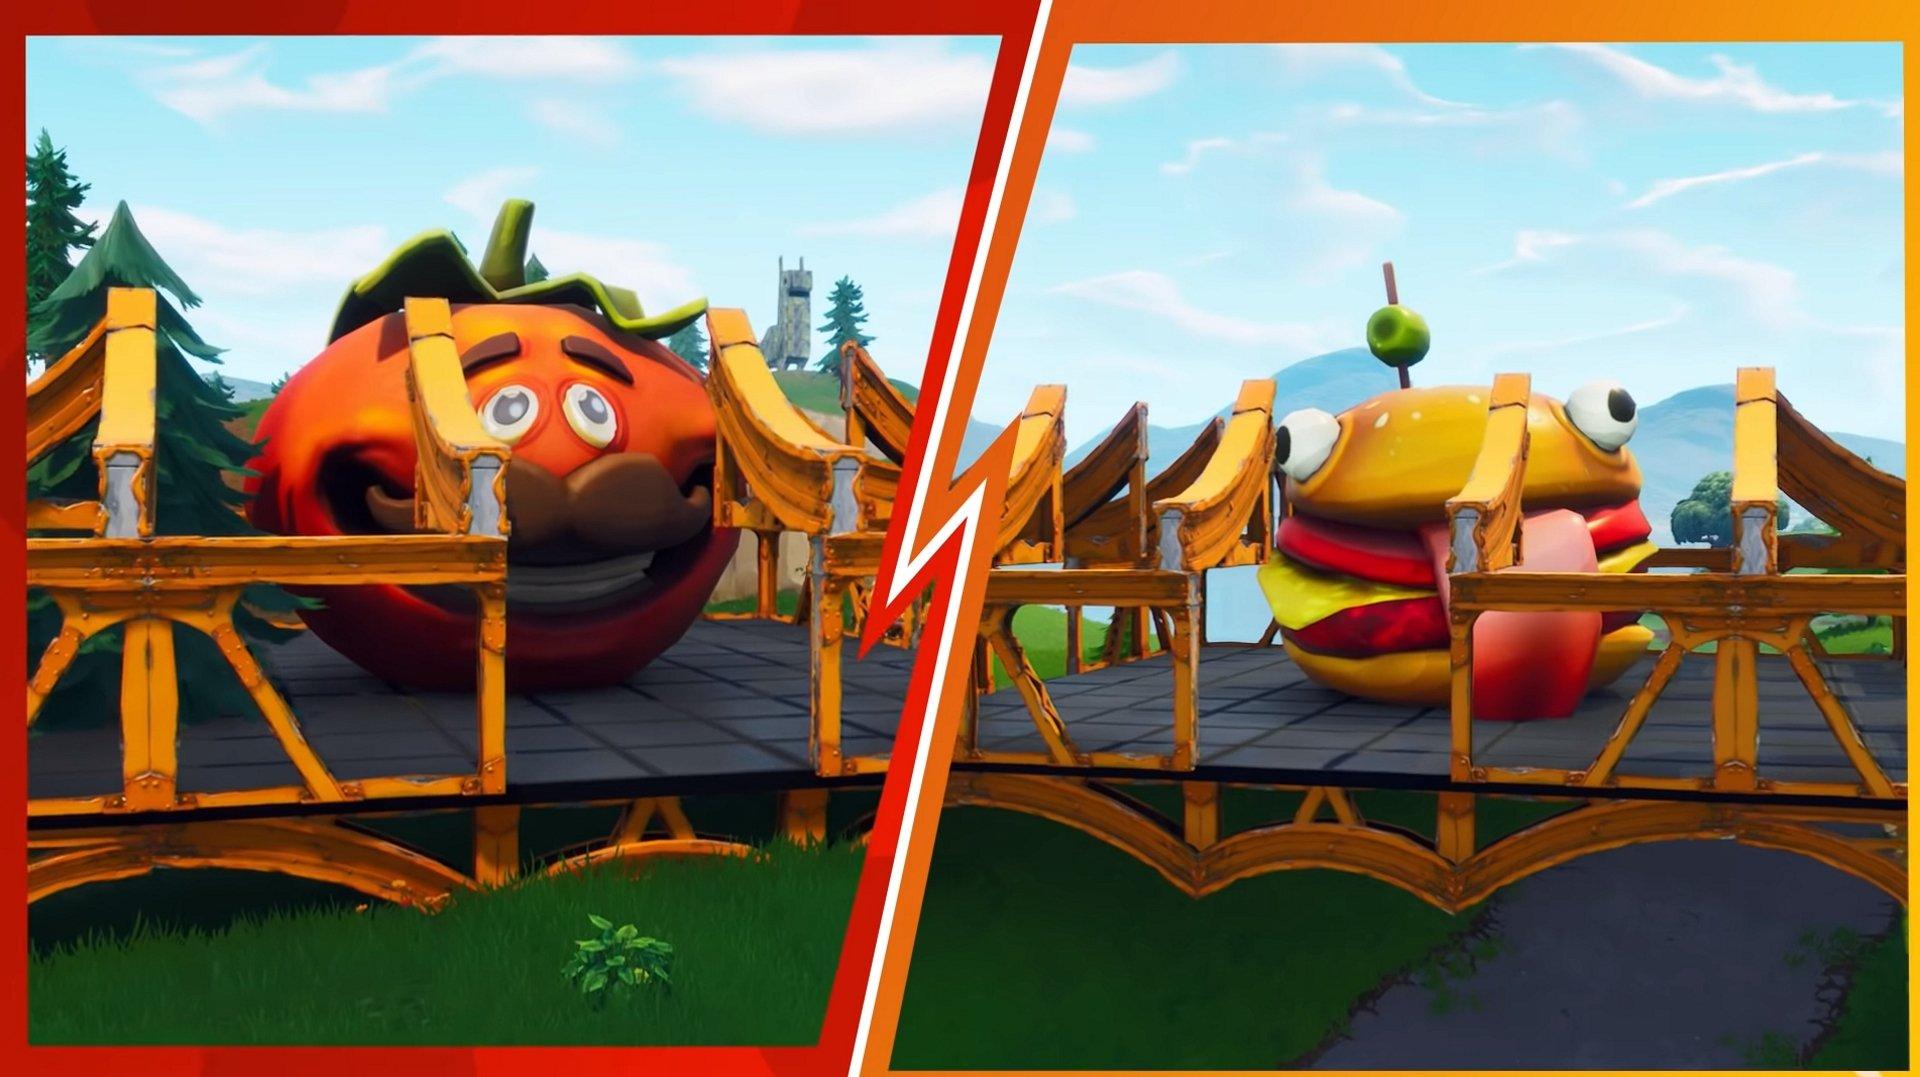 Durr Burger s'attaque à la fosse à pizza dans Food Fight LTM de Fortnite